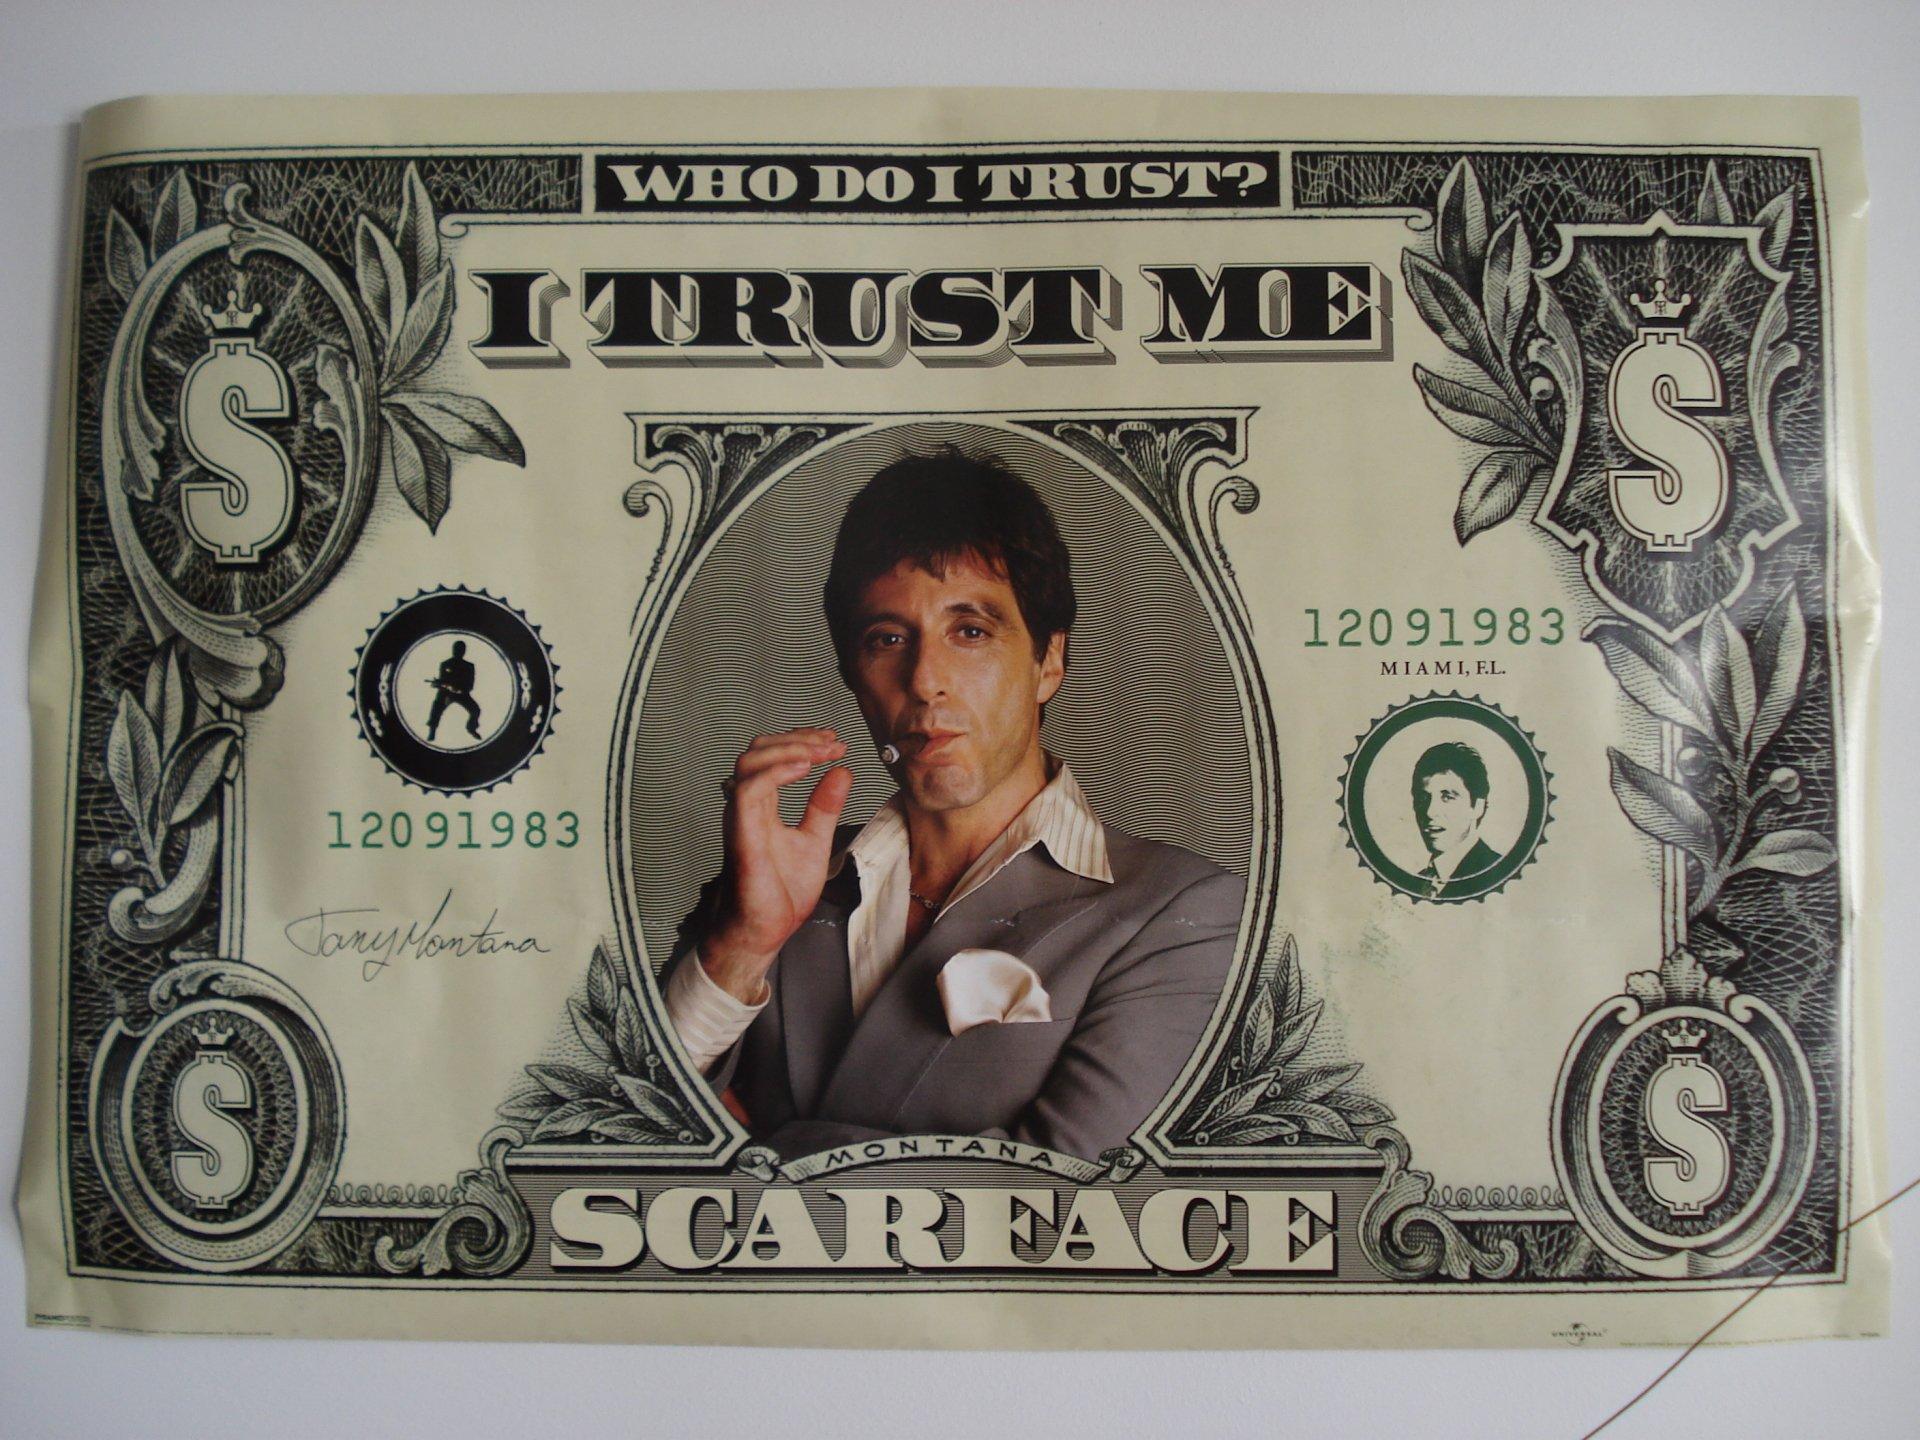 Scarface Full Hd Wallpaper Scarface Full Hd Fondo De Pantalla And Fondo De Escritorio